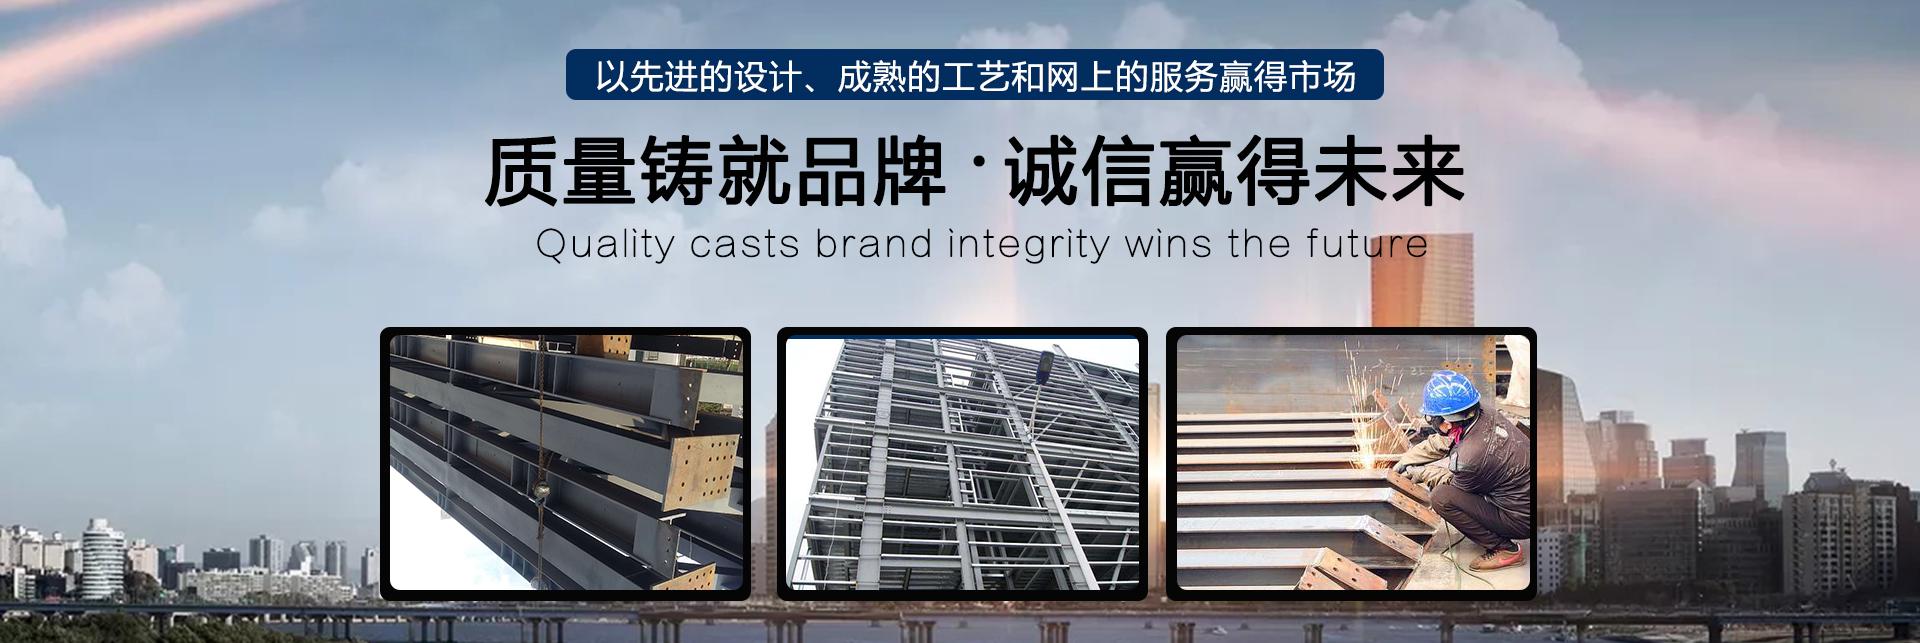 福州钢结构加工,福州钢结构厂家